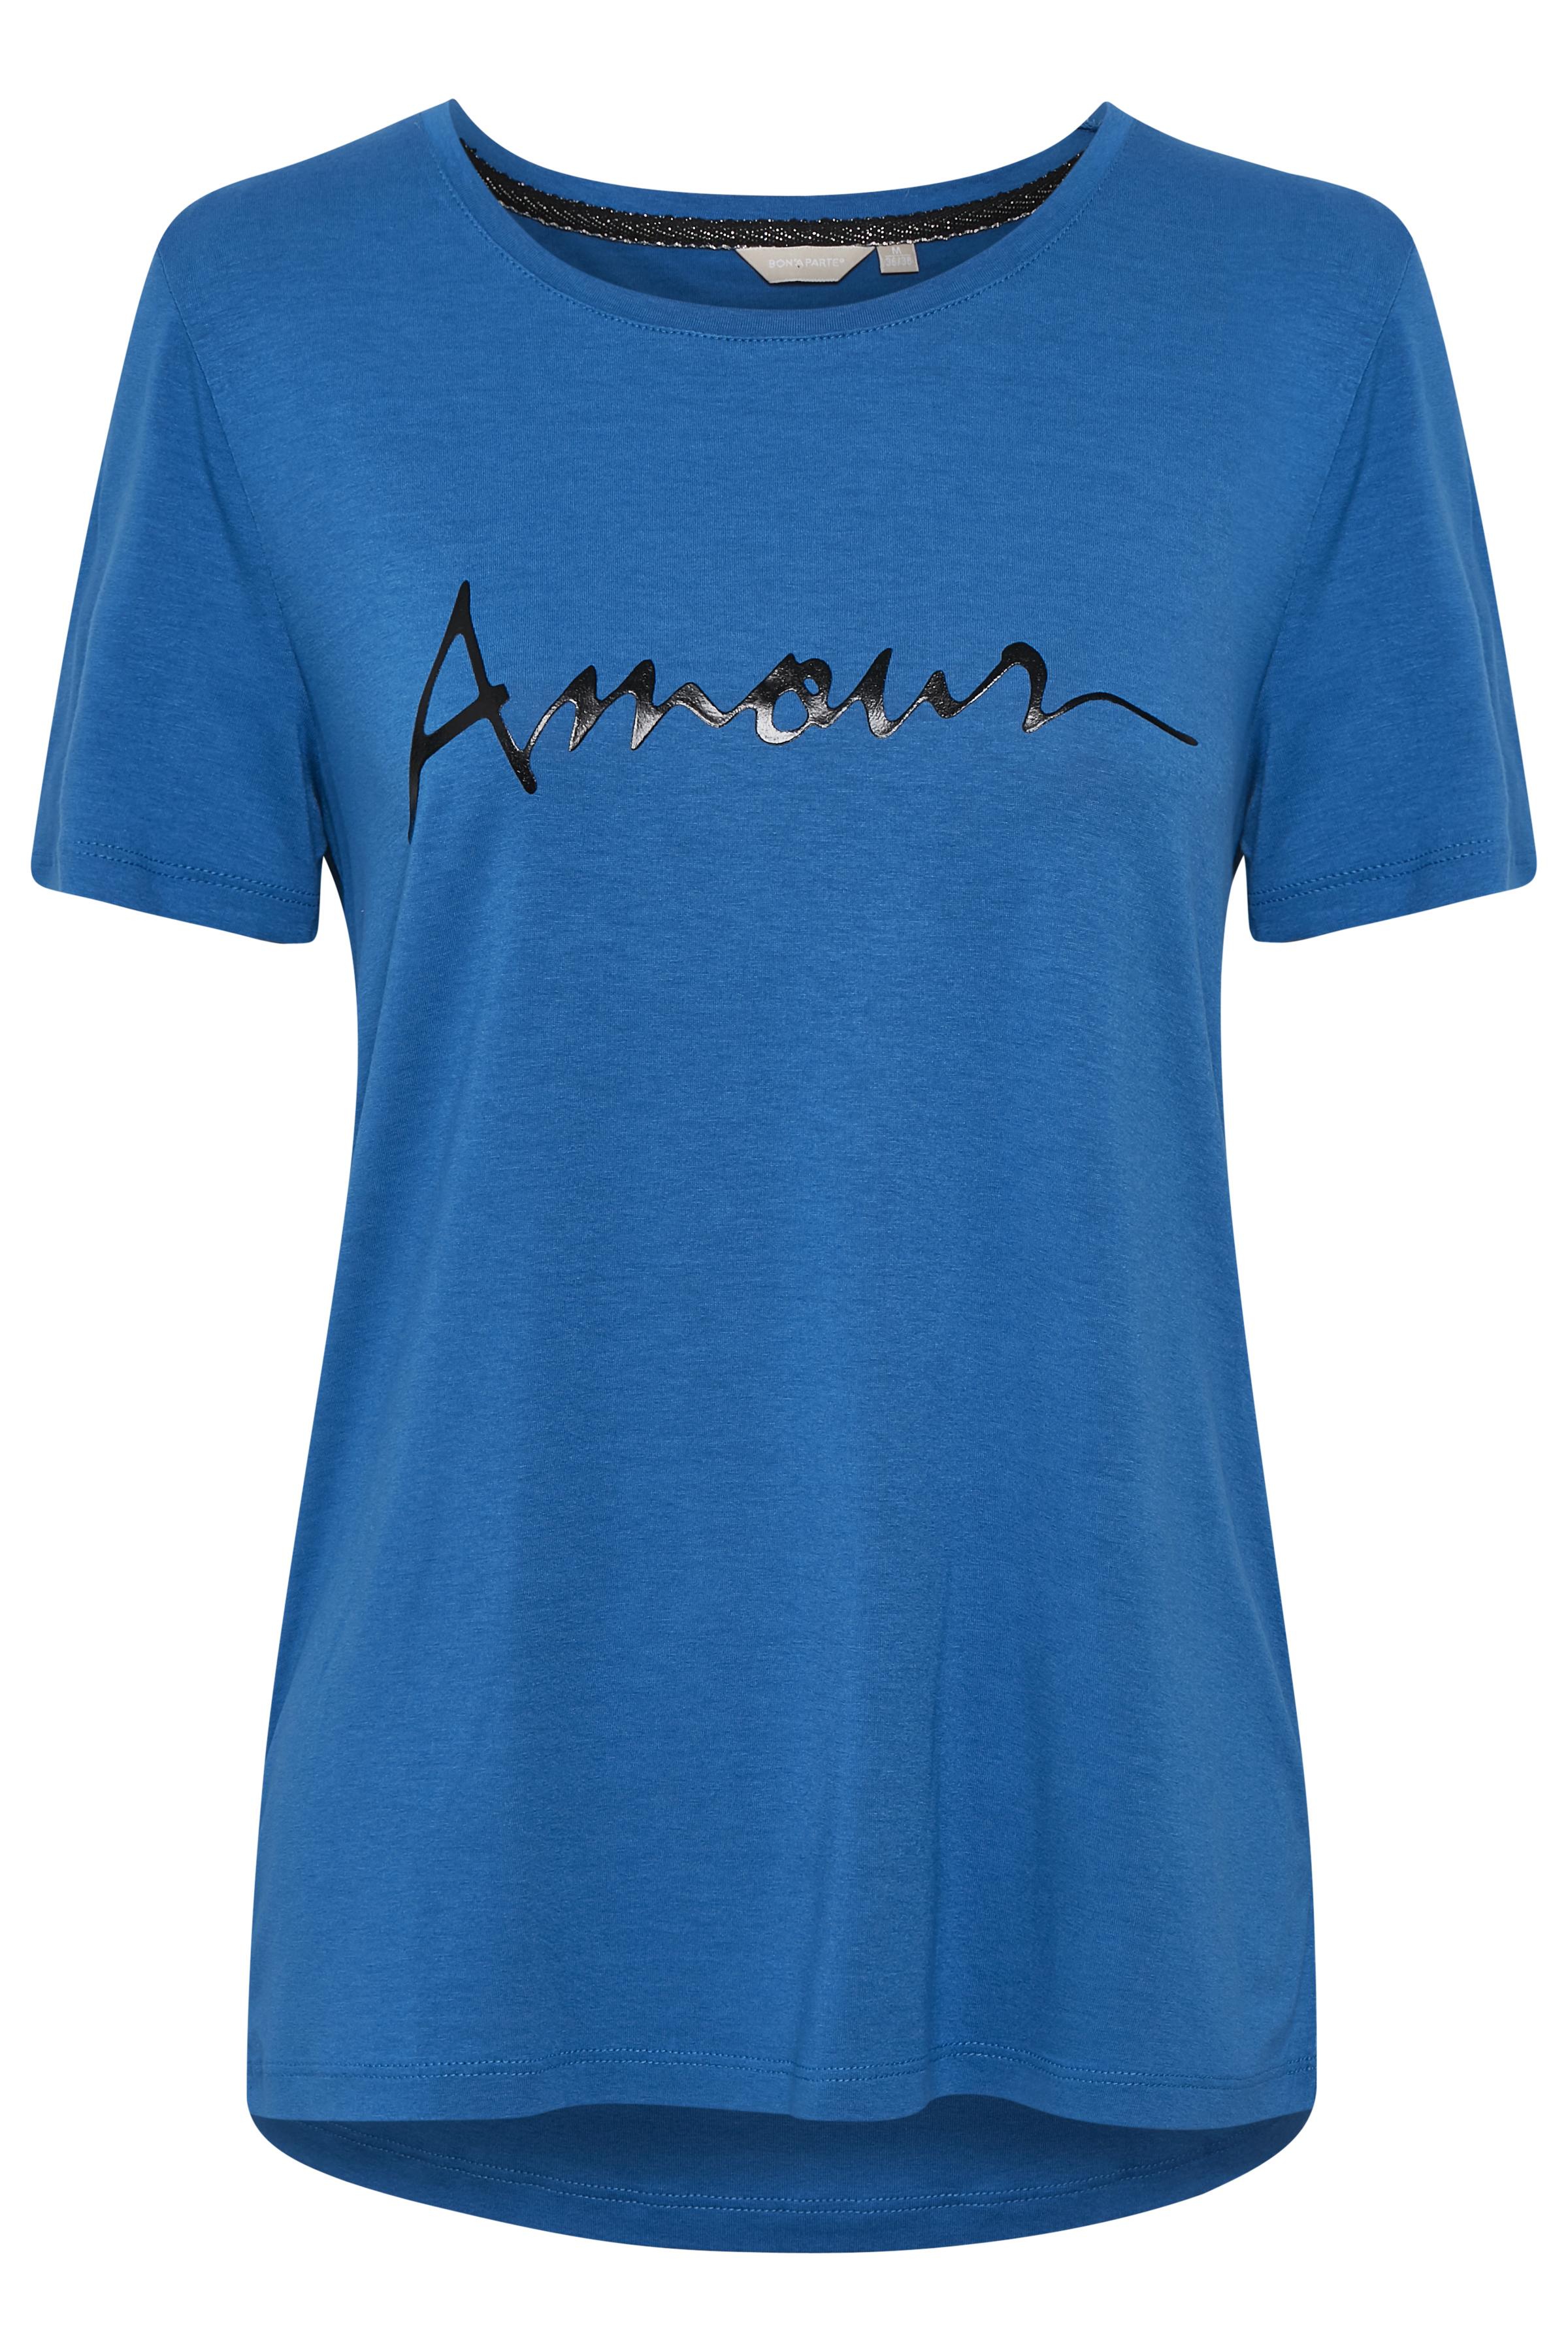 Blå Kortærmet T-shirt fra Bon'A Parte – Køb Blå Kortærmet T-shirt fra str. S-2XL her